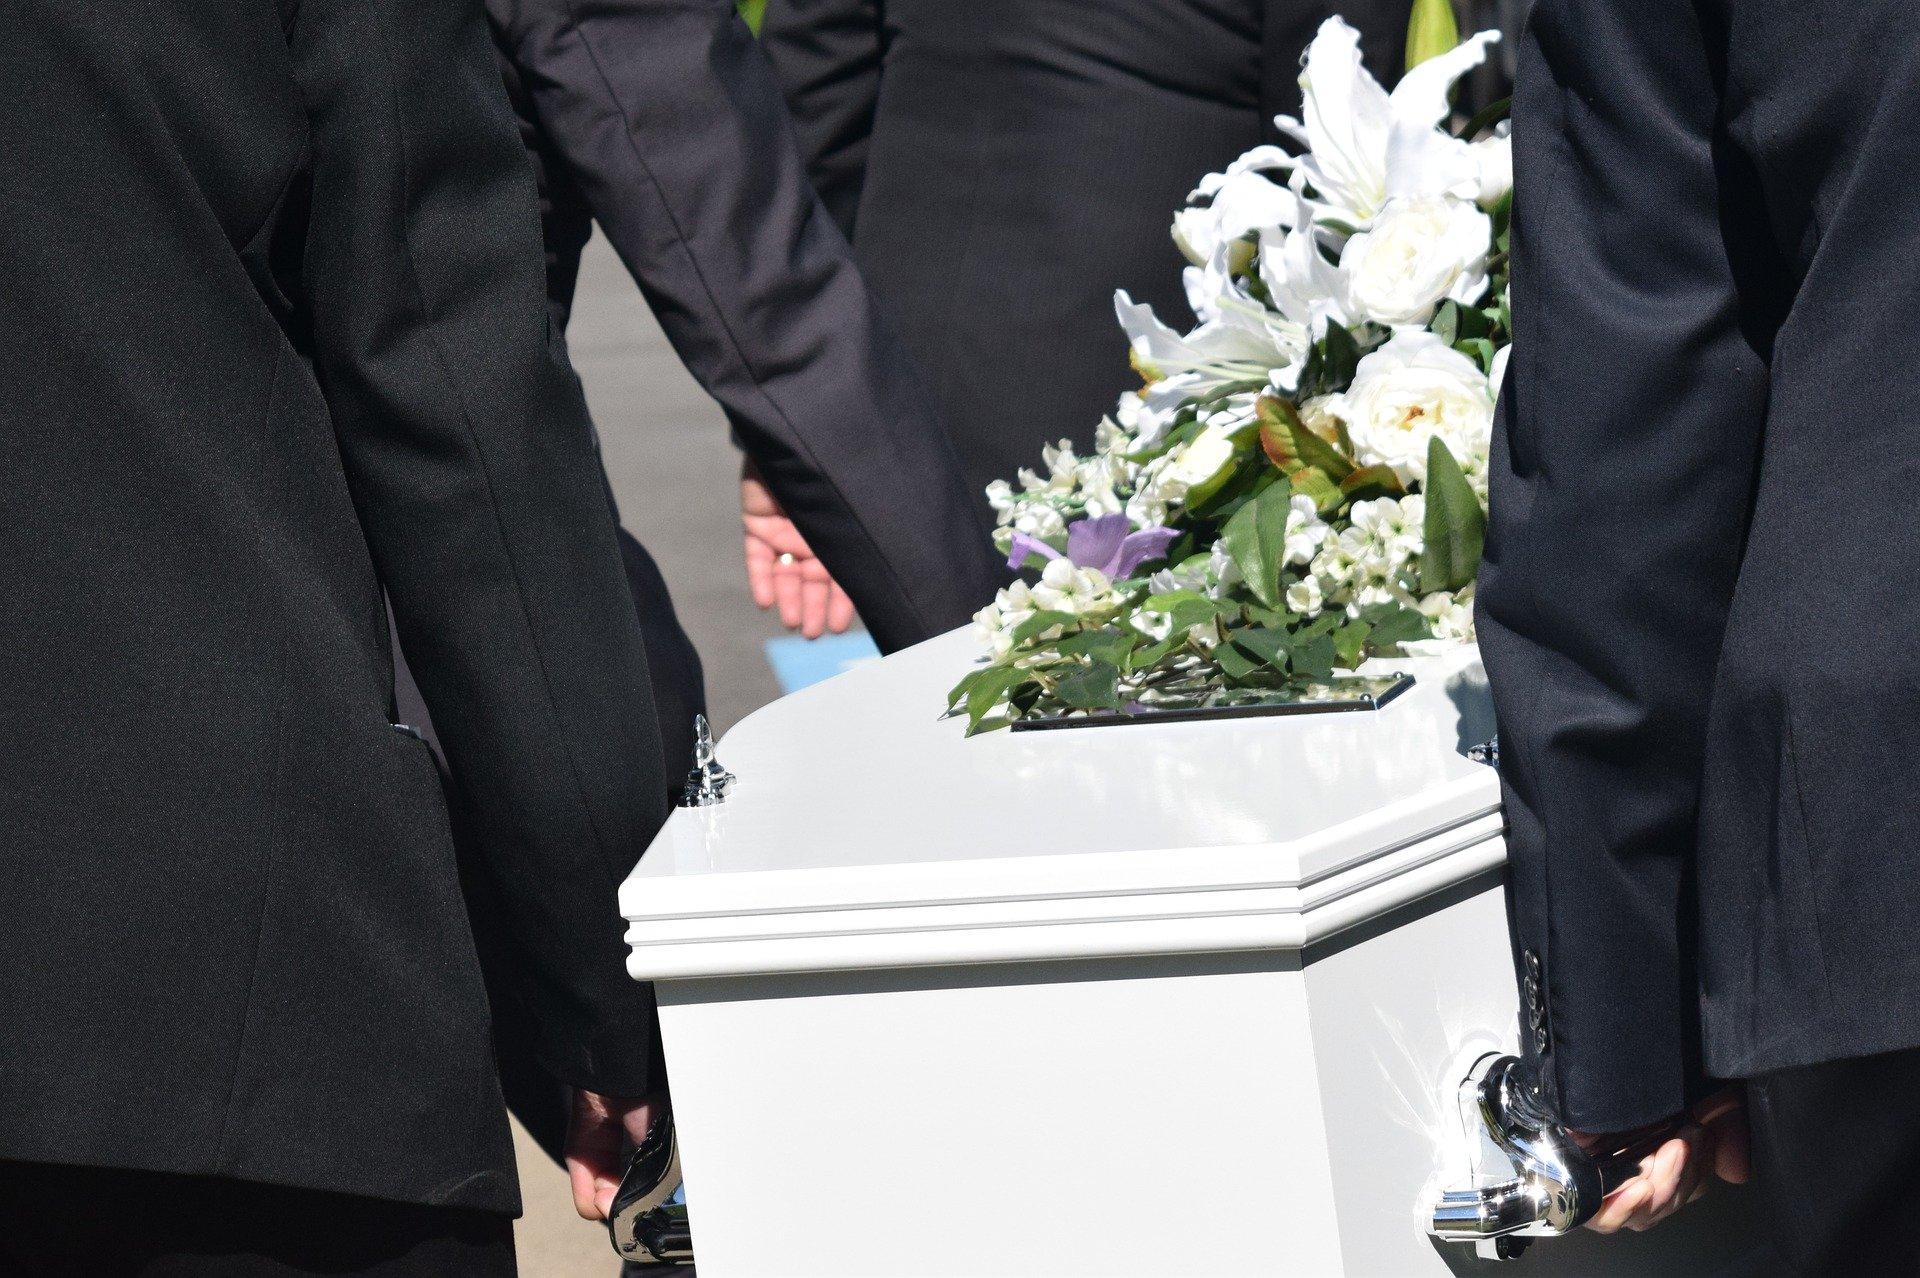 Co vše potřebujeme vědět, než začneme zařizovat pohřeb?